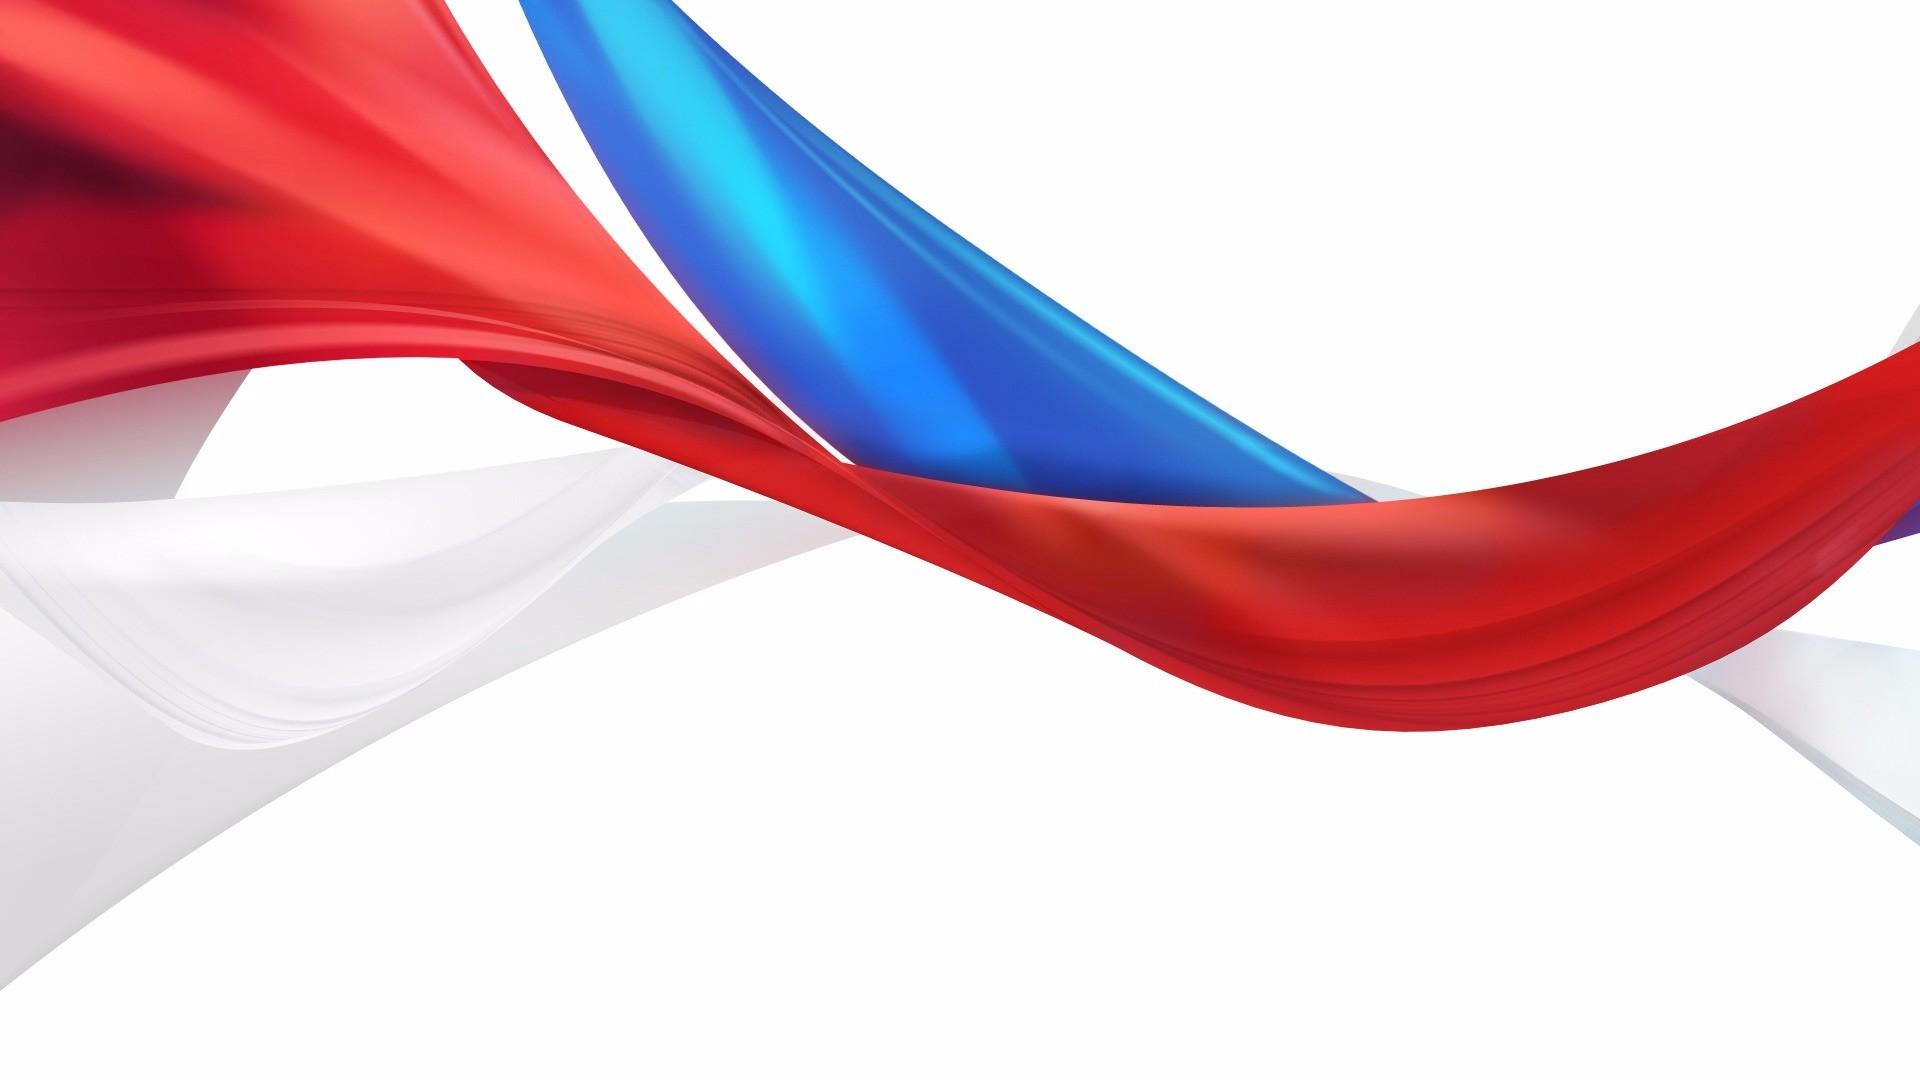 Триколор фото флаг россии